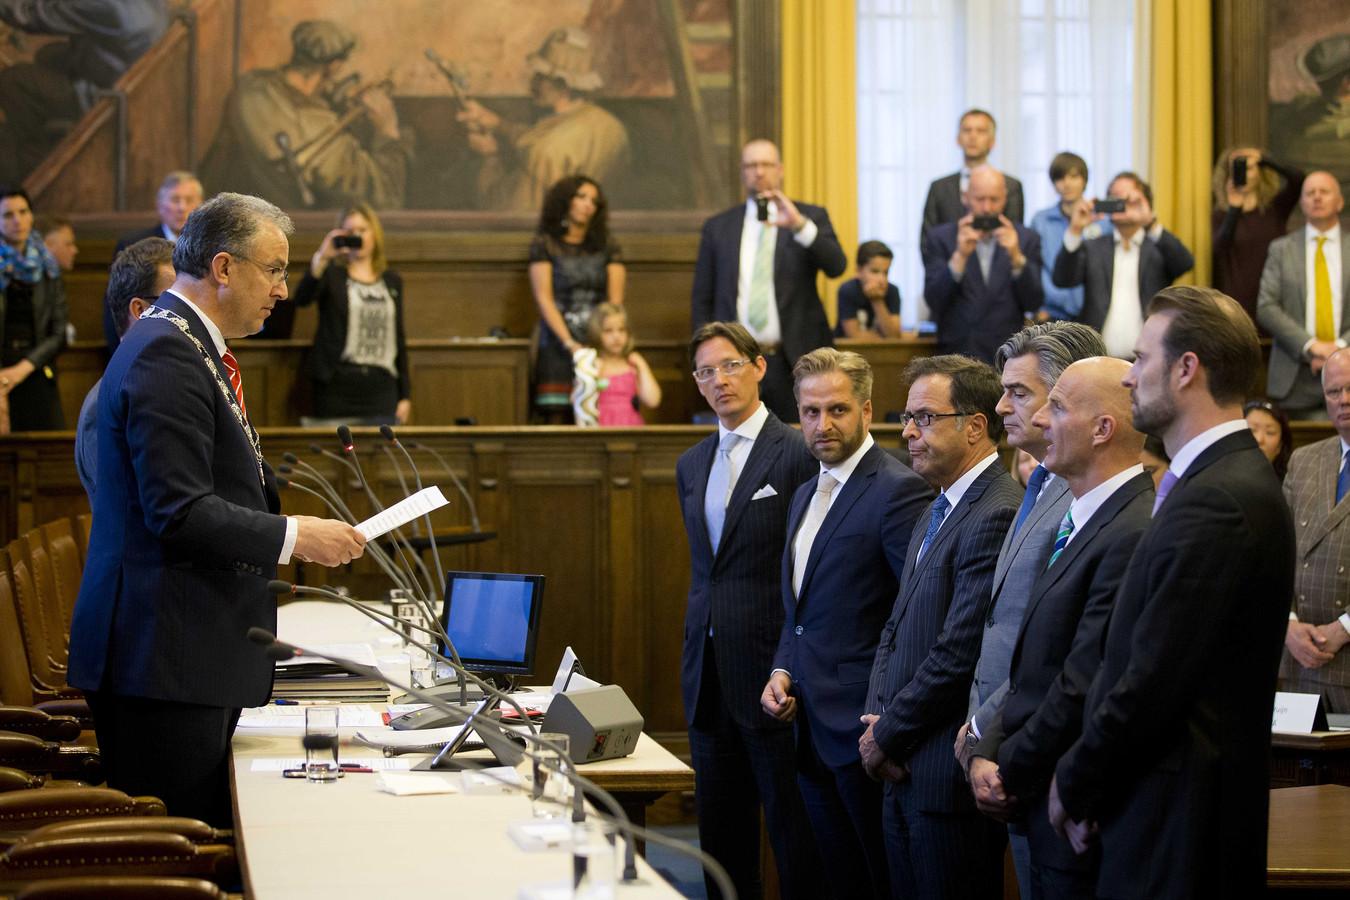 Burgemeester Ahmed Aboutaleb (links) spreekt de nieuwe Rotterdamse wethouders toe tijdens hun installatie.